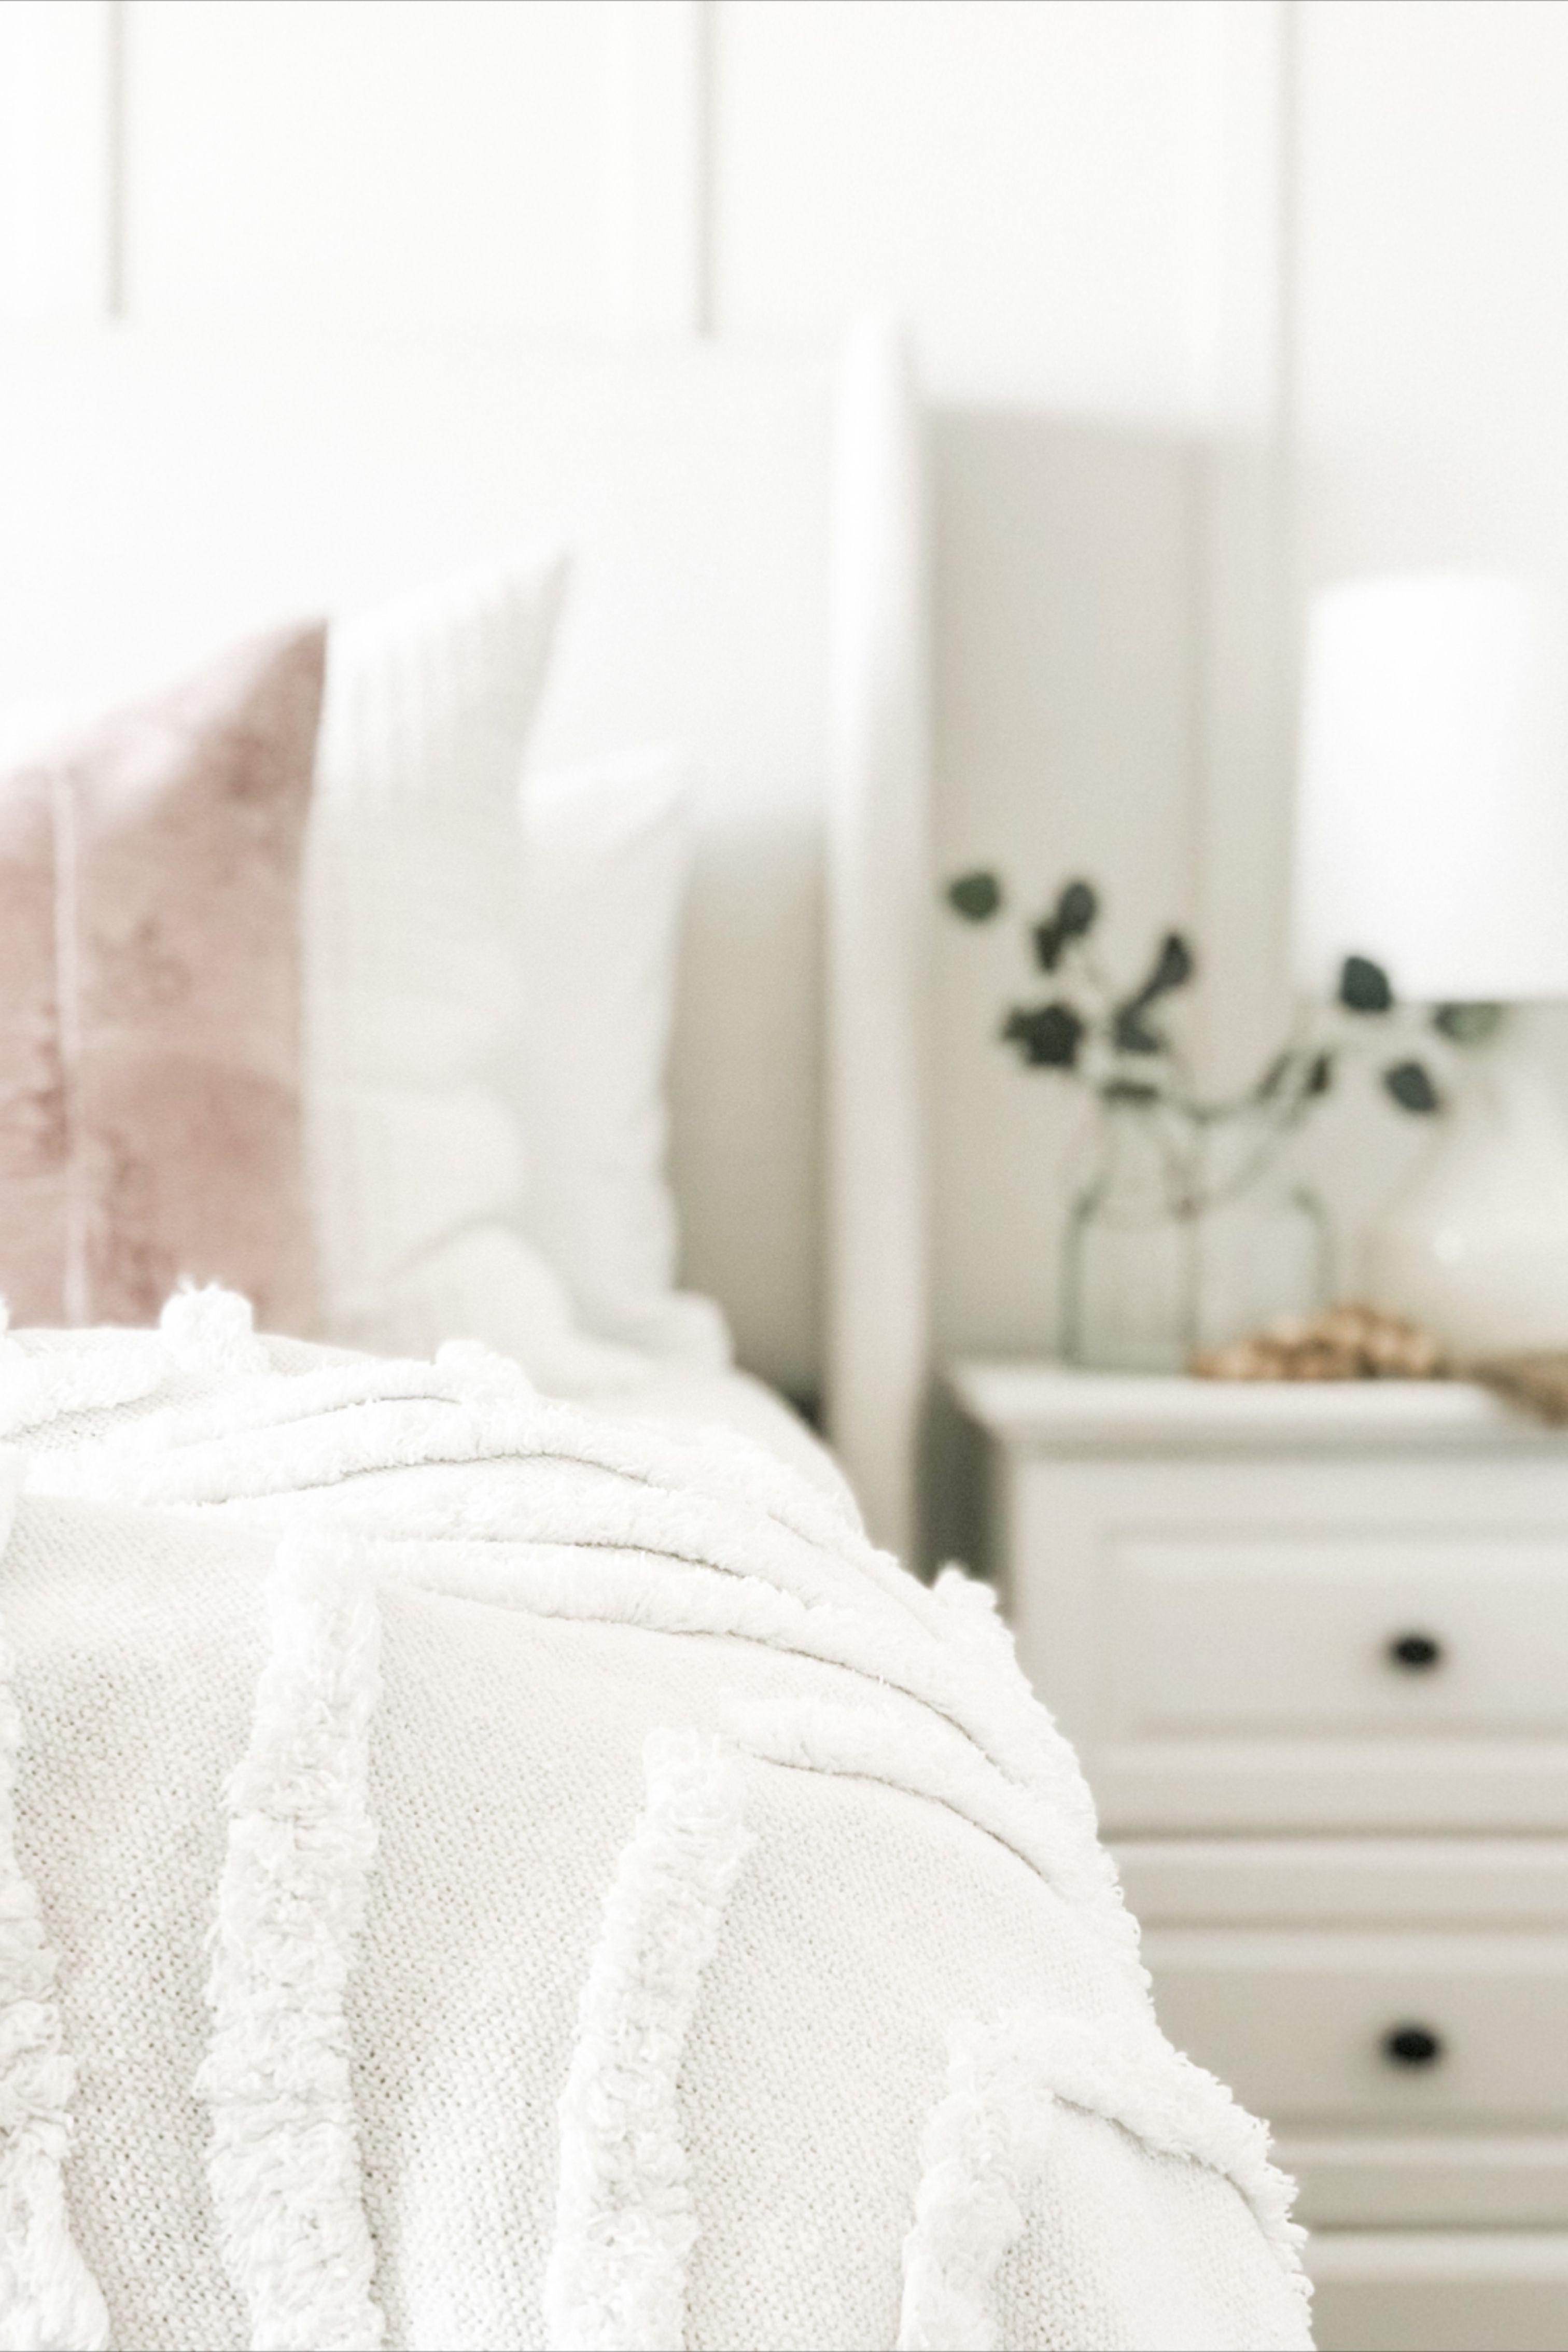 Alrai Upholstered standard bed from Joss & Main. Zuma